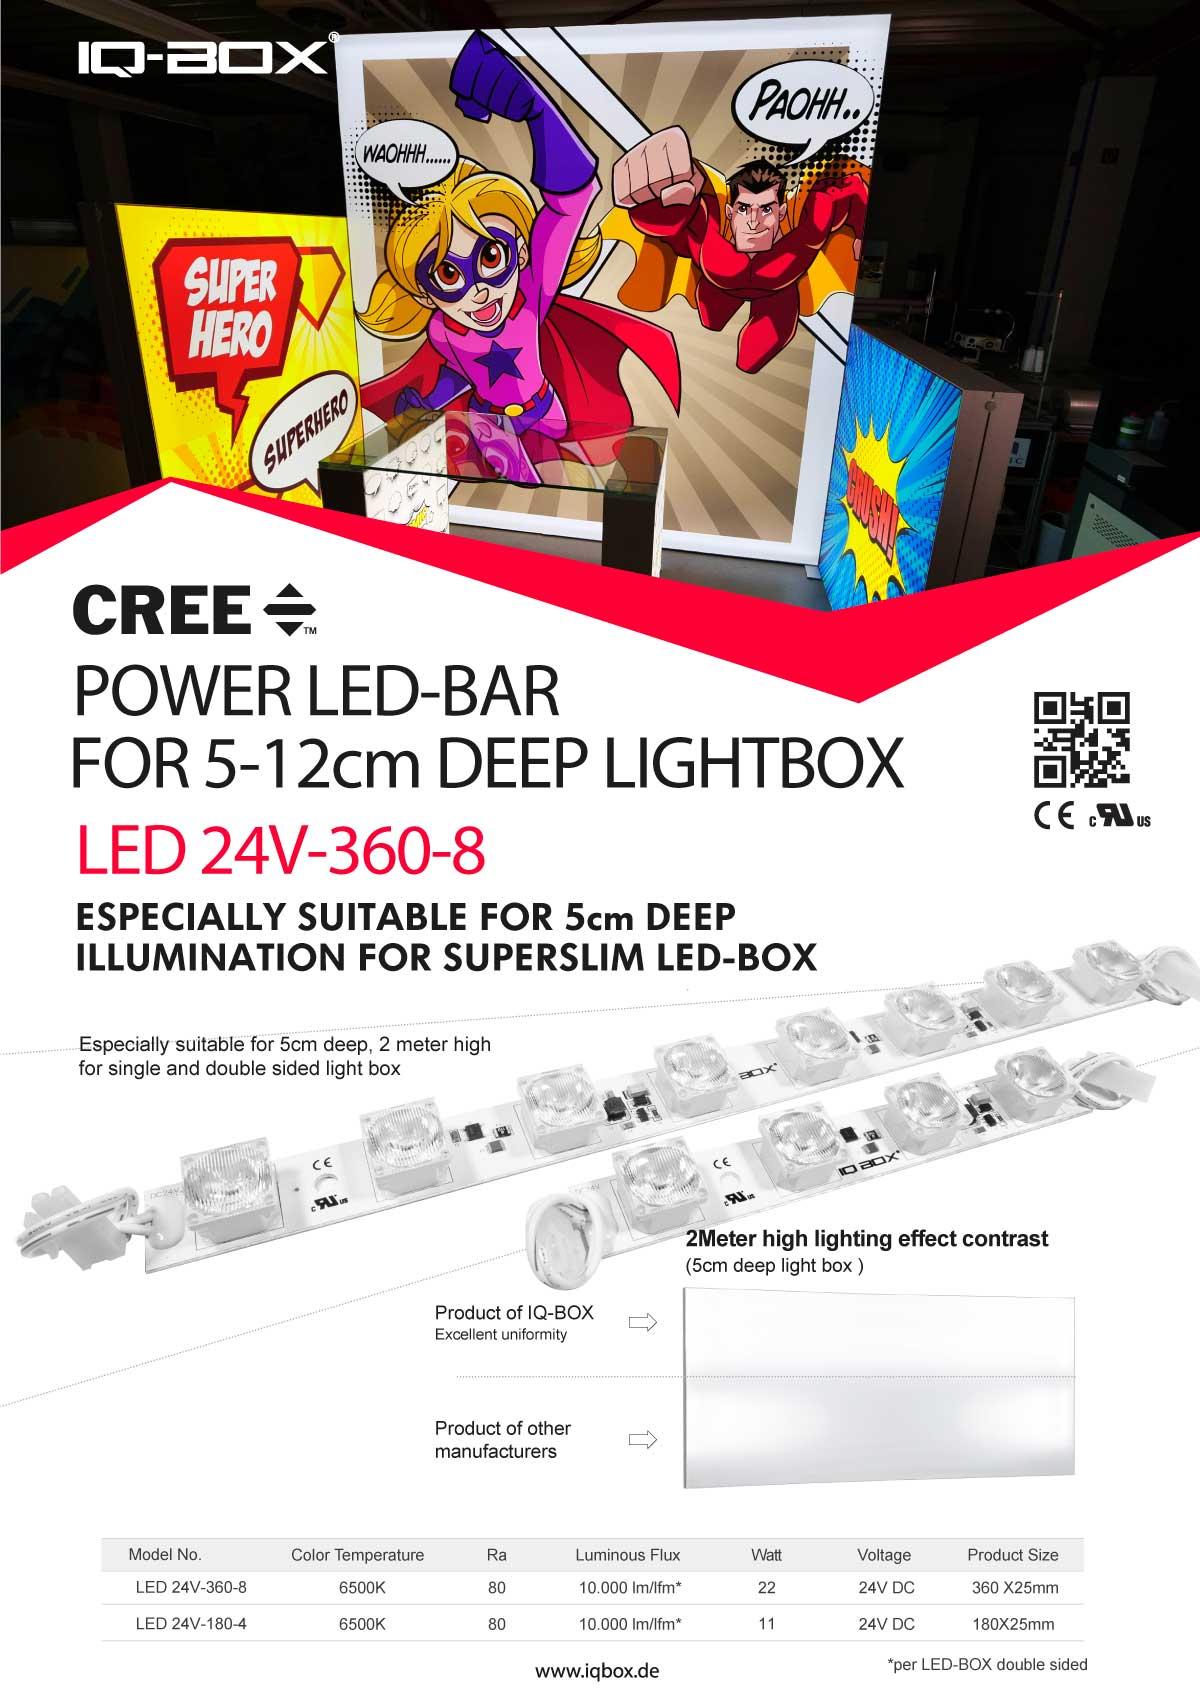 LED-24V-360-8_web_1200px